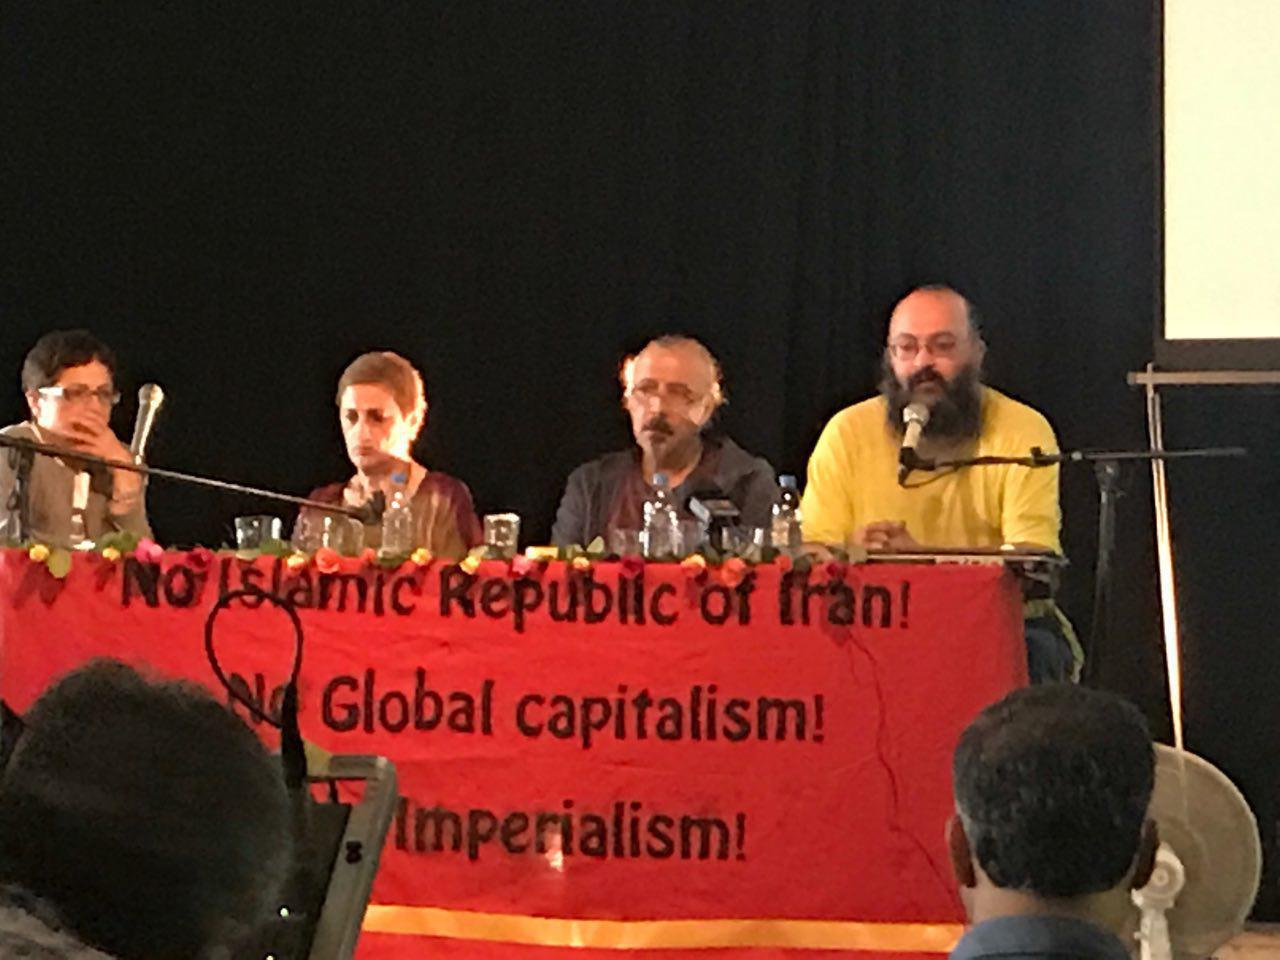 چهل سال بعد از انقلاب ۵۷ و سی سال بعد از کشتار تابستان ۶۷: میزگرد نخست، از چپ میلا مسافر،فرخنده، جلال سعیدی، هژیر پلاسچی